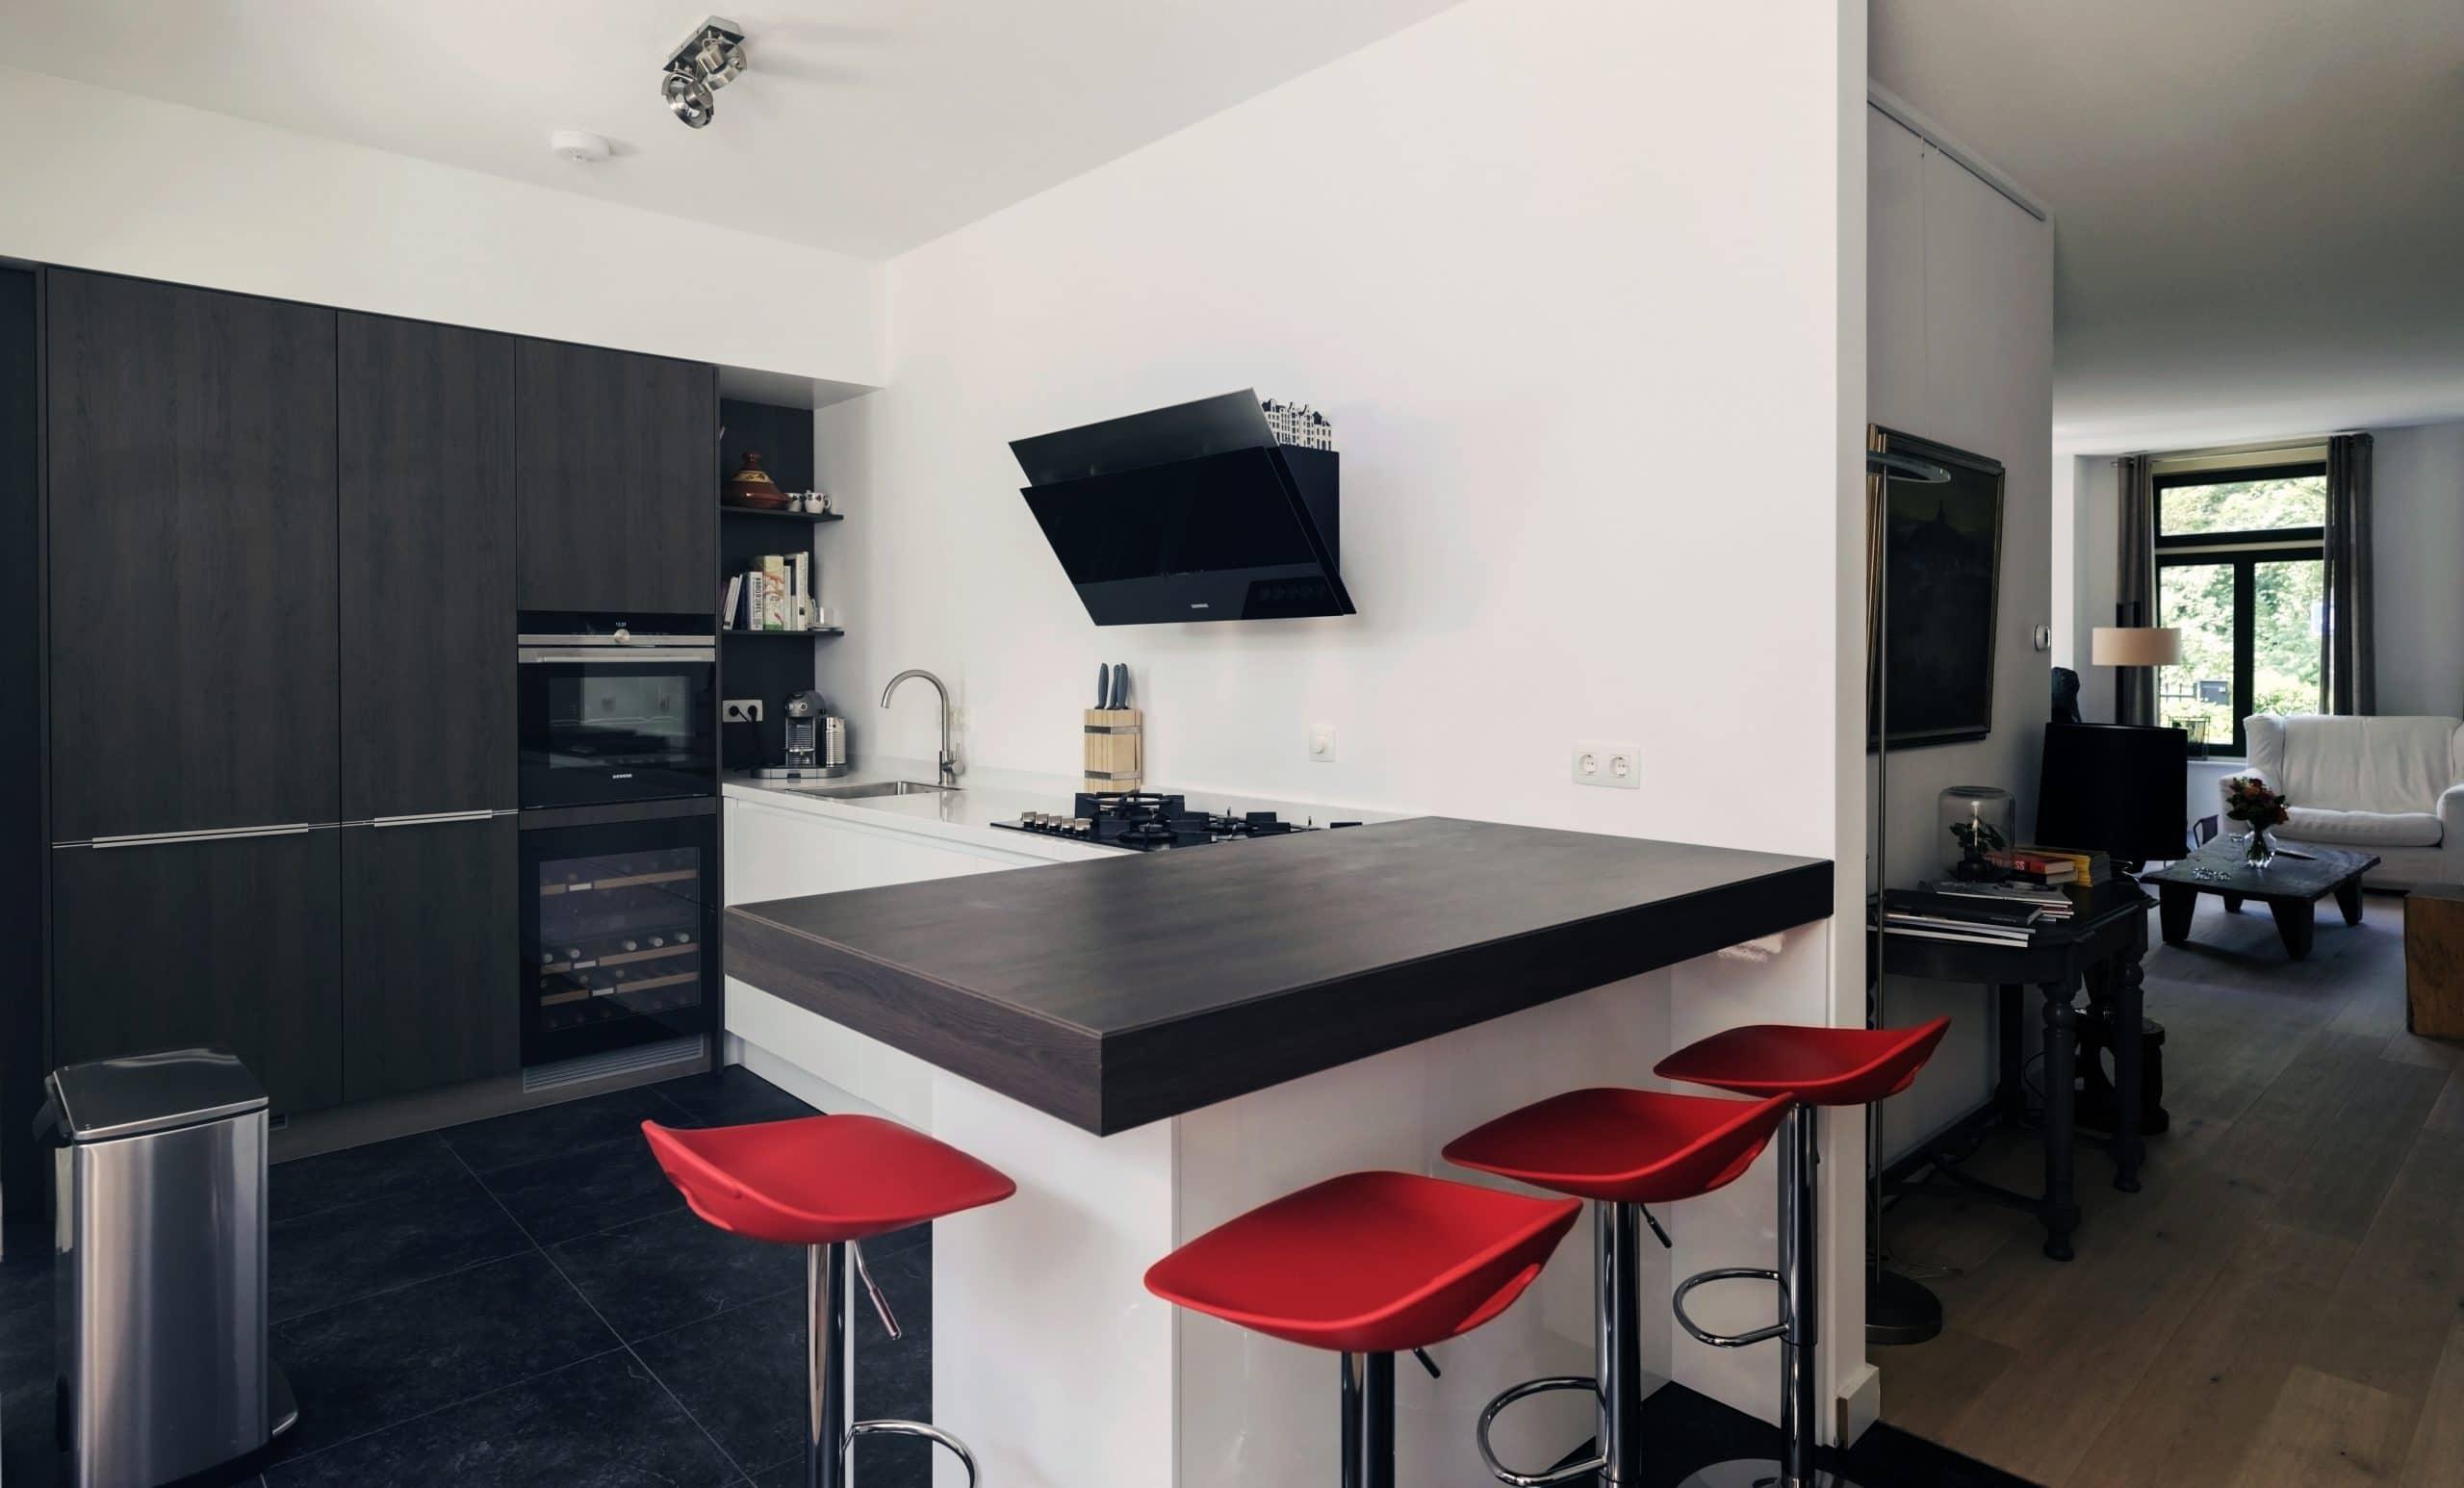 Van Manen Keukens : Keukens van manen woon thema centrum